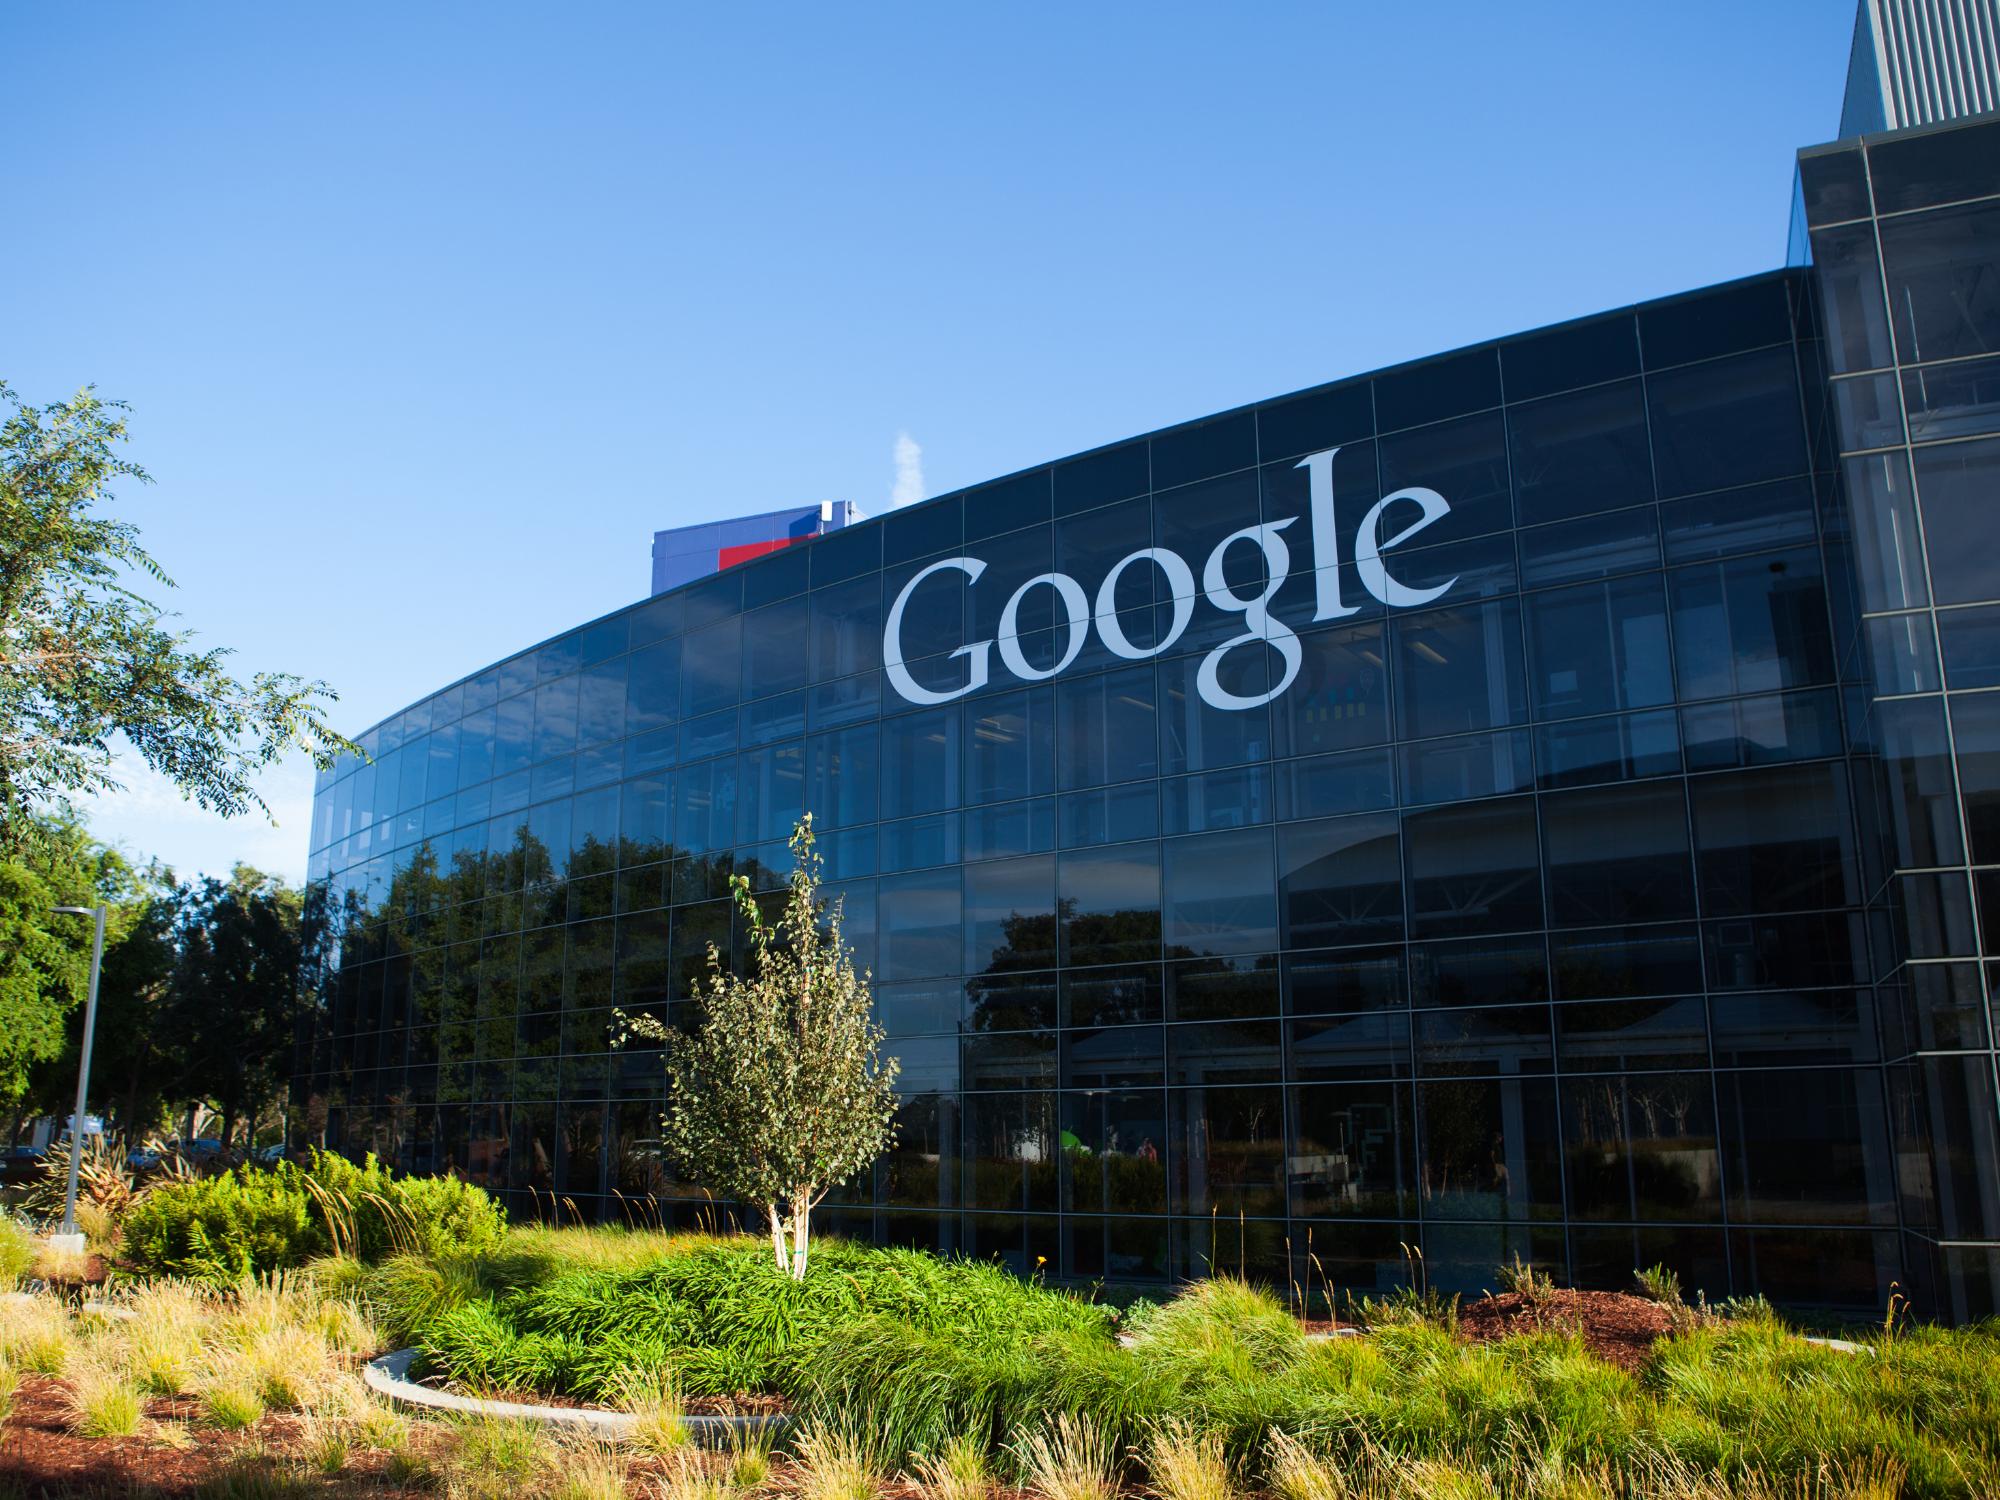 El Nasdaq no se detiene: ¿Cómo y por qué crecen las acciones de compañías tecnológicas?